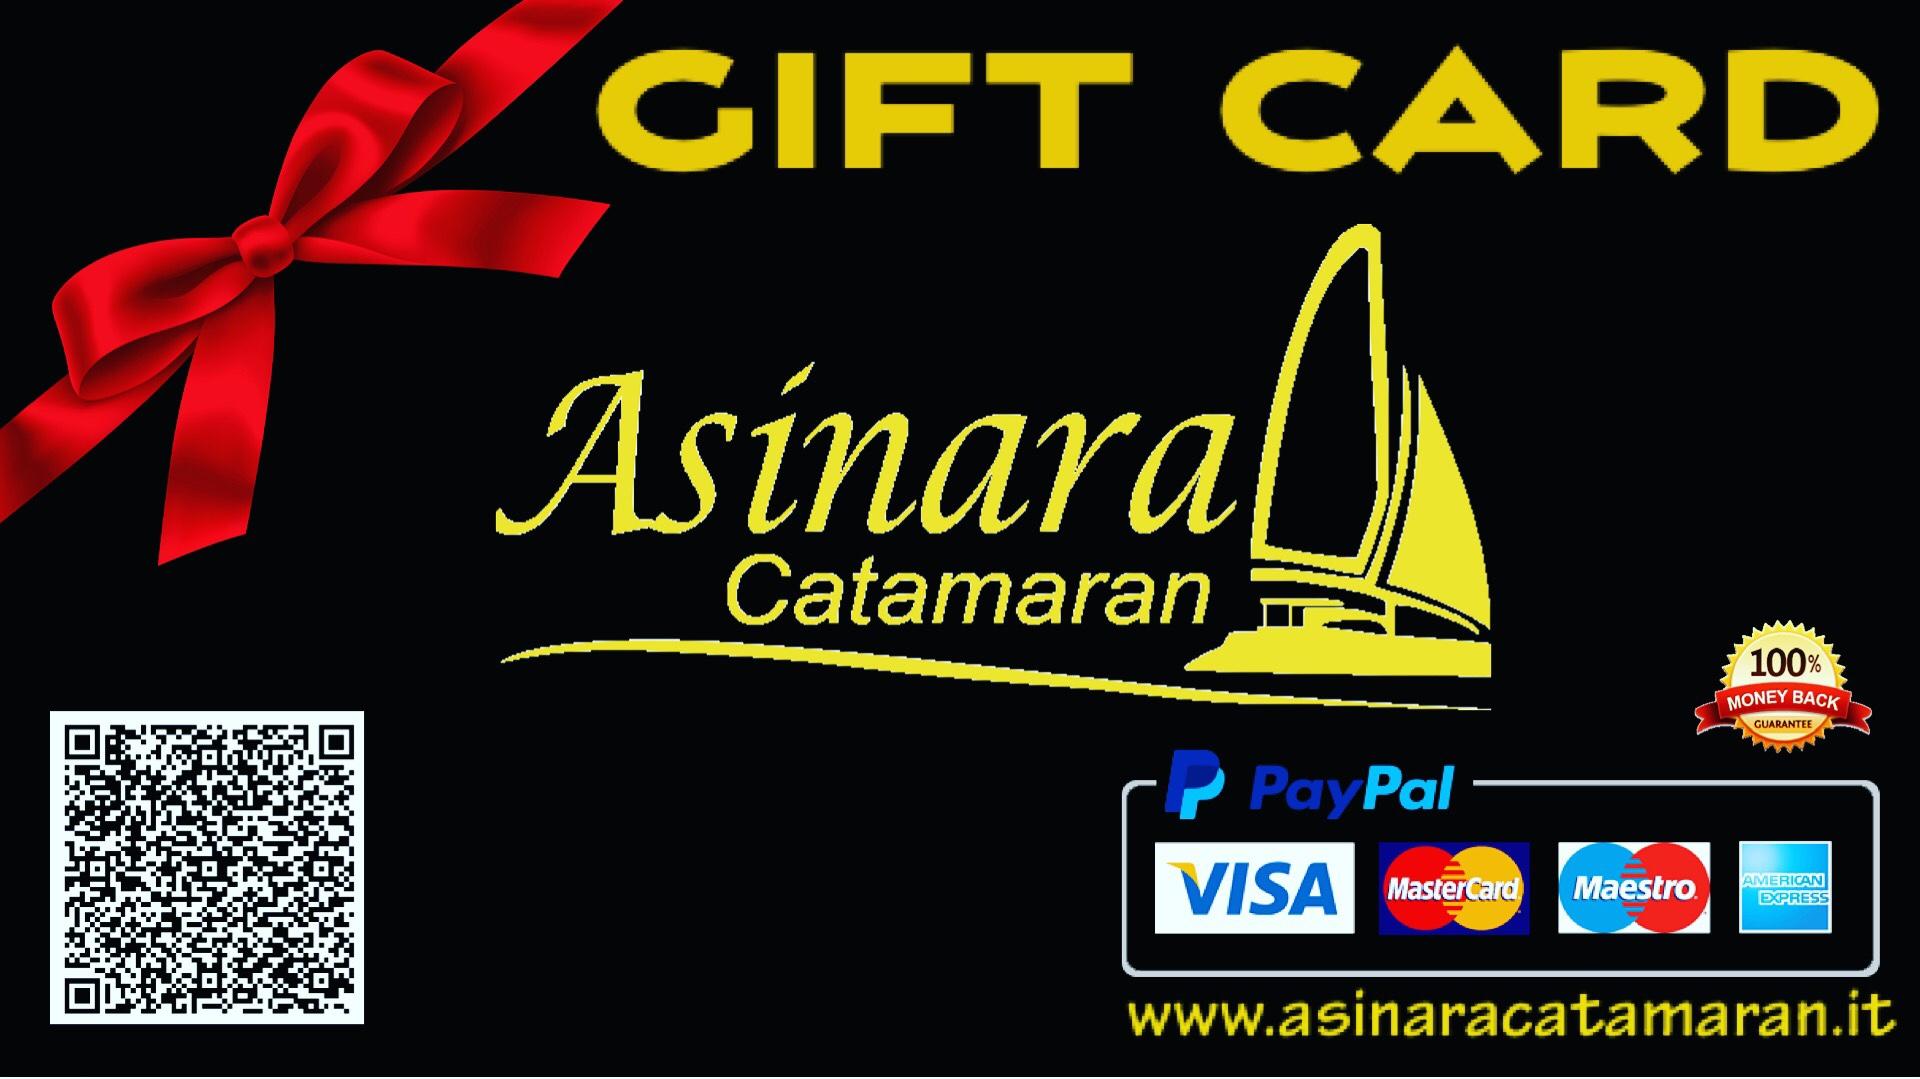 Gift card buono regalo di Asinara Catamaran per escursioni e vacanze in Catamarano